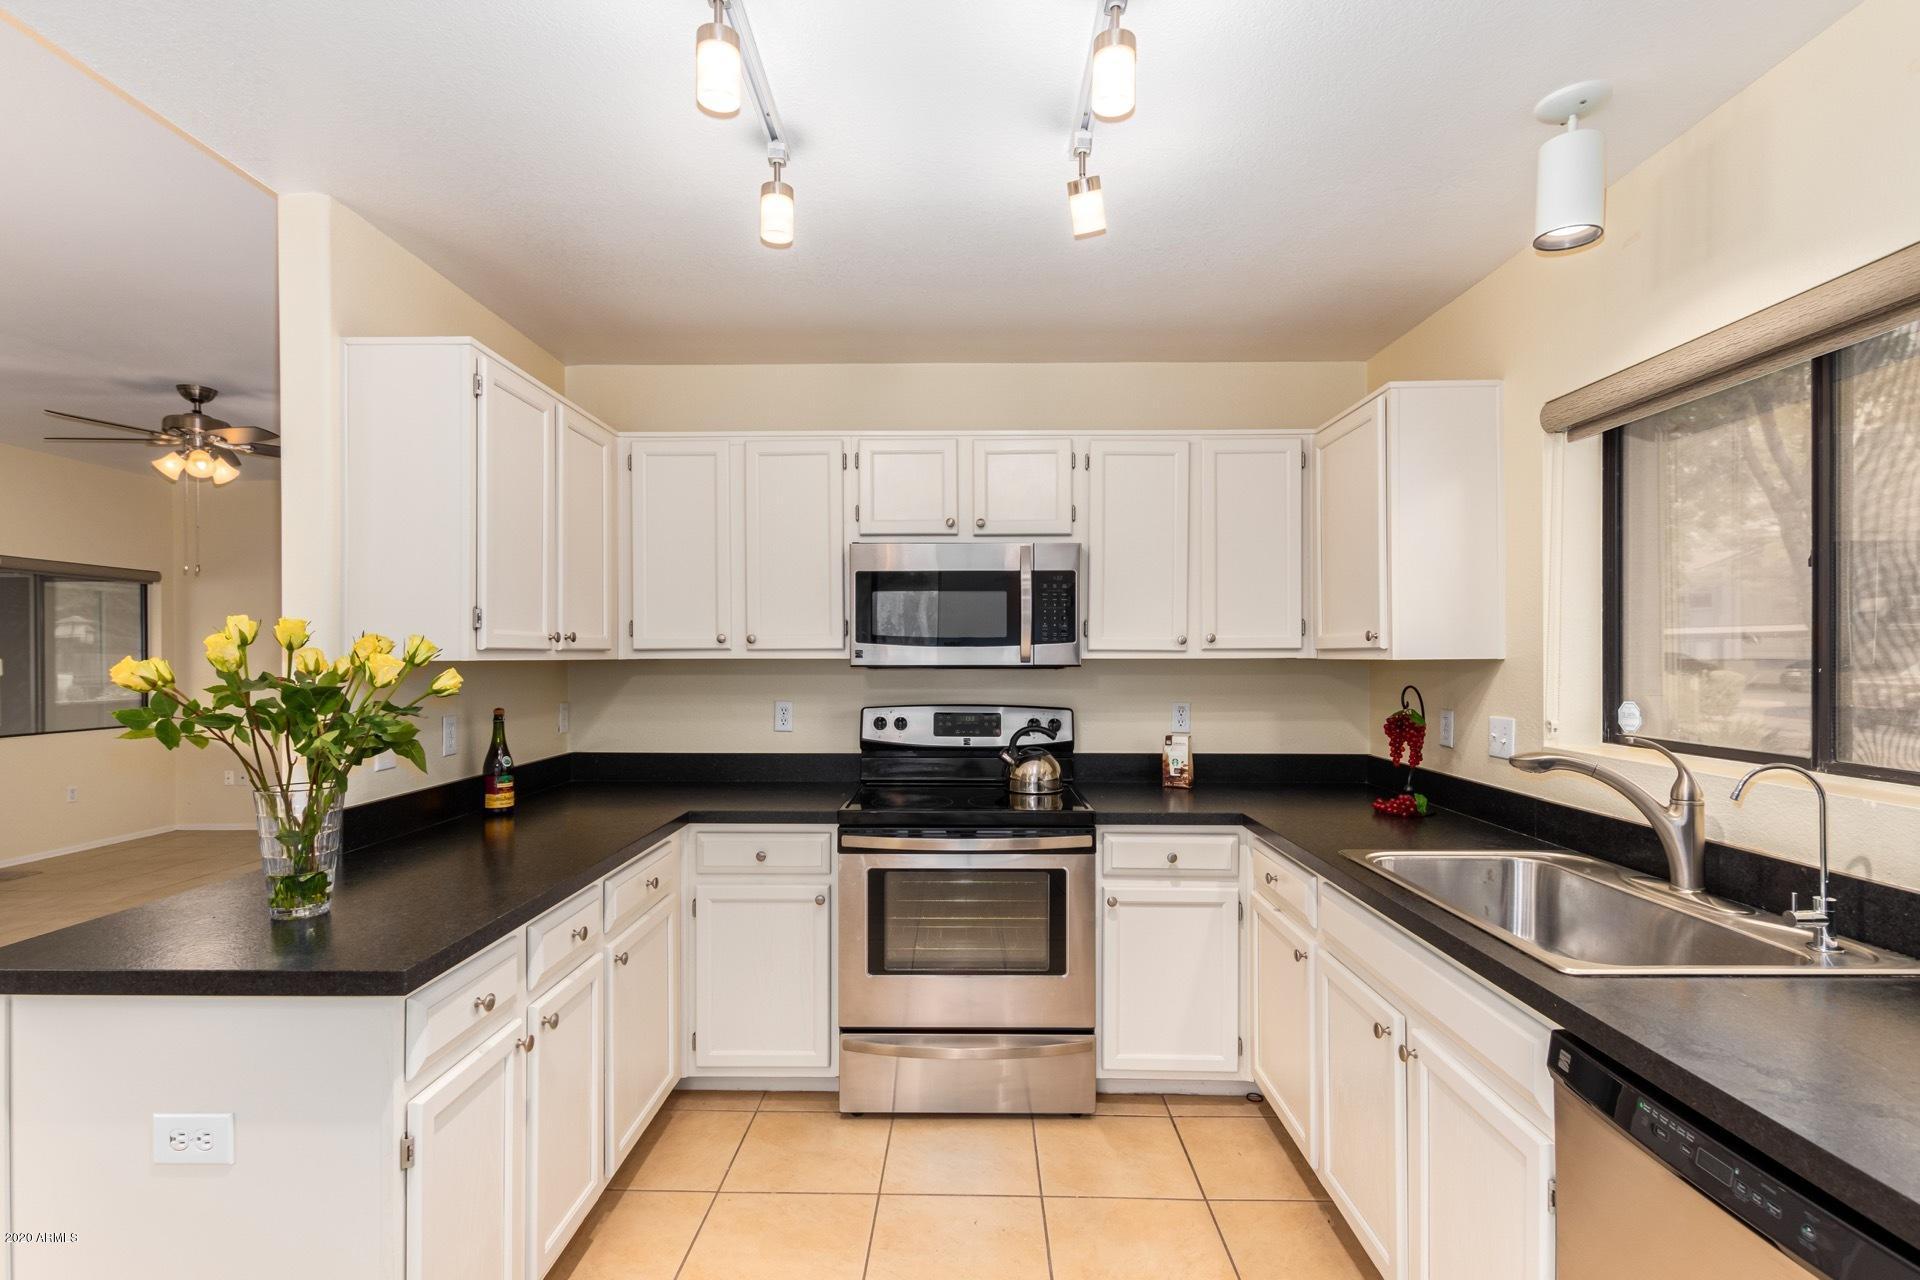 Photo #2: Kitchen